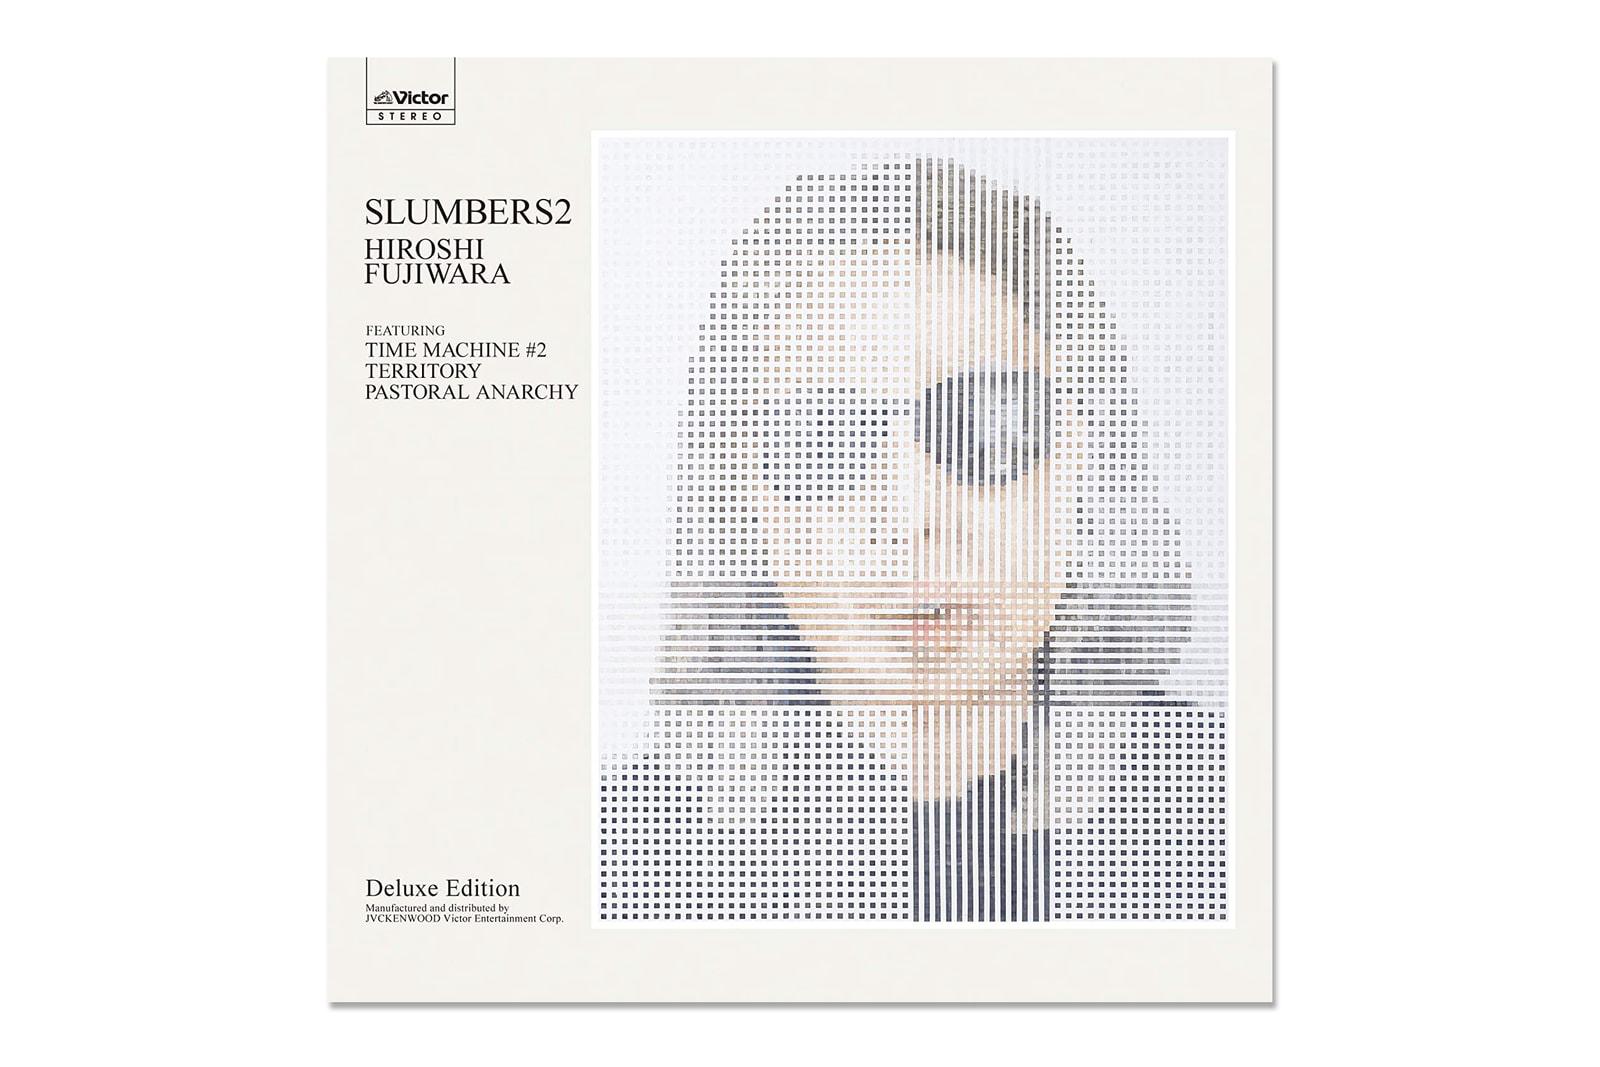 藤原浩「'Slumbers' The Online Experience 2021」線上音樂會限定系列揭曉